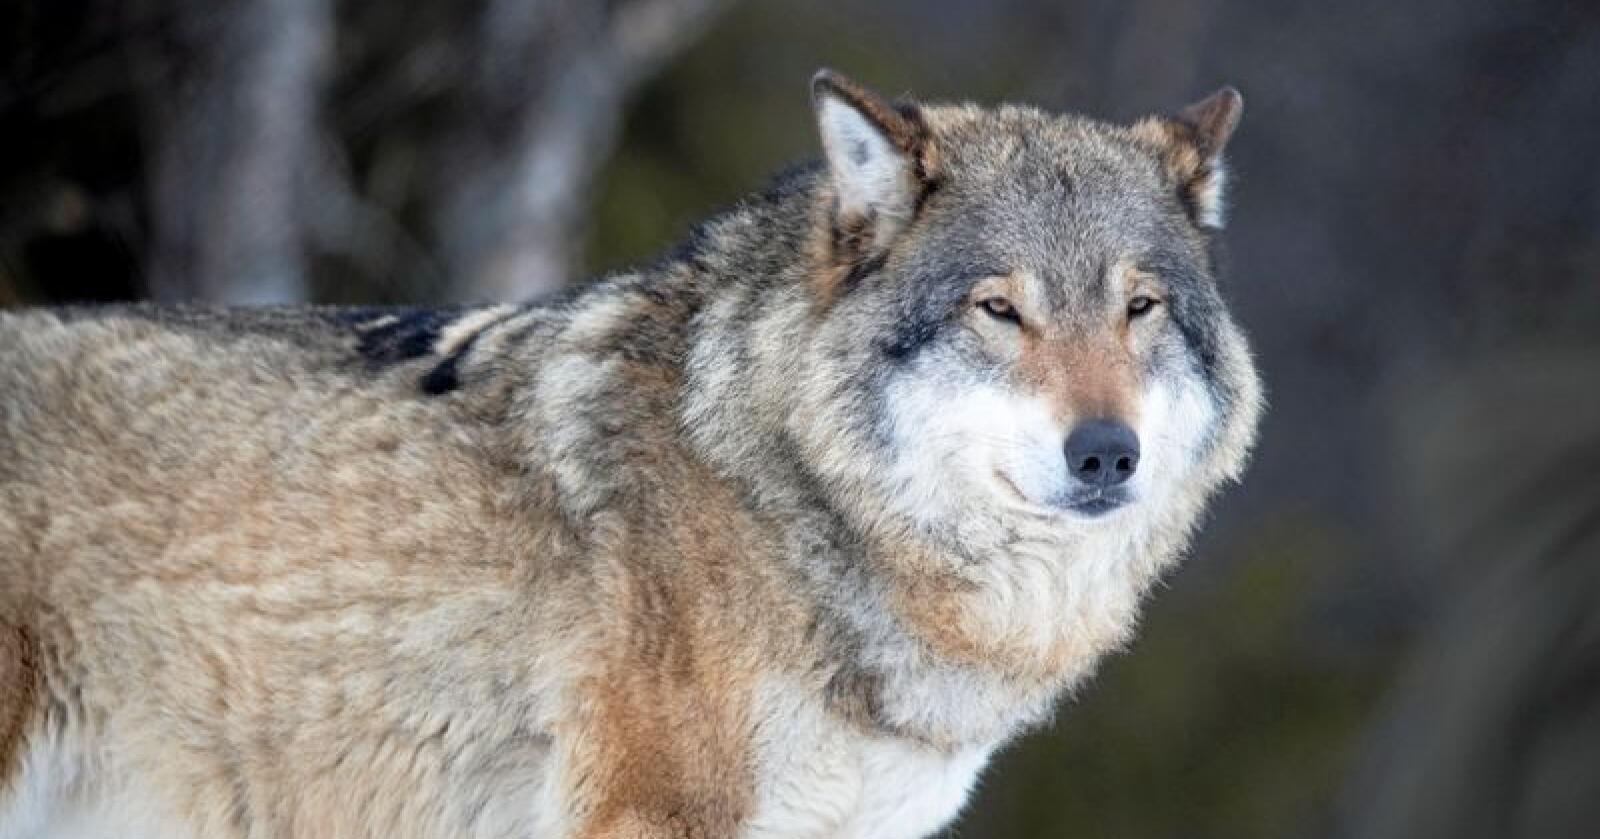 Lisensjakt på ulv er ok, så lenge det er gode nok begrunnelser for det, sier EU-domstolen. Foto: Heiko Junge / NTB scanpix